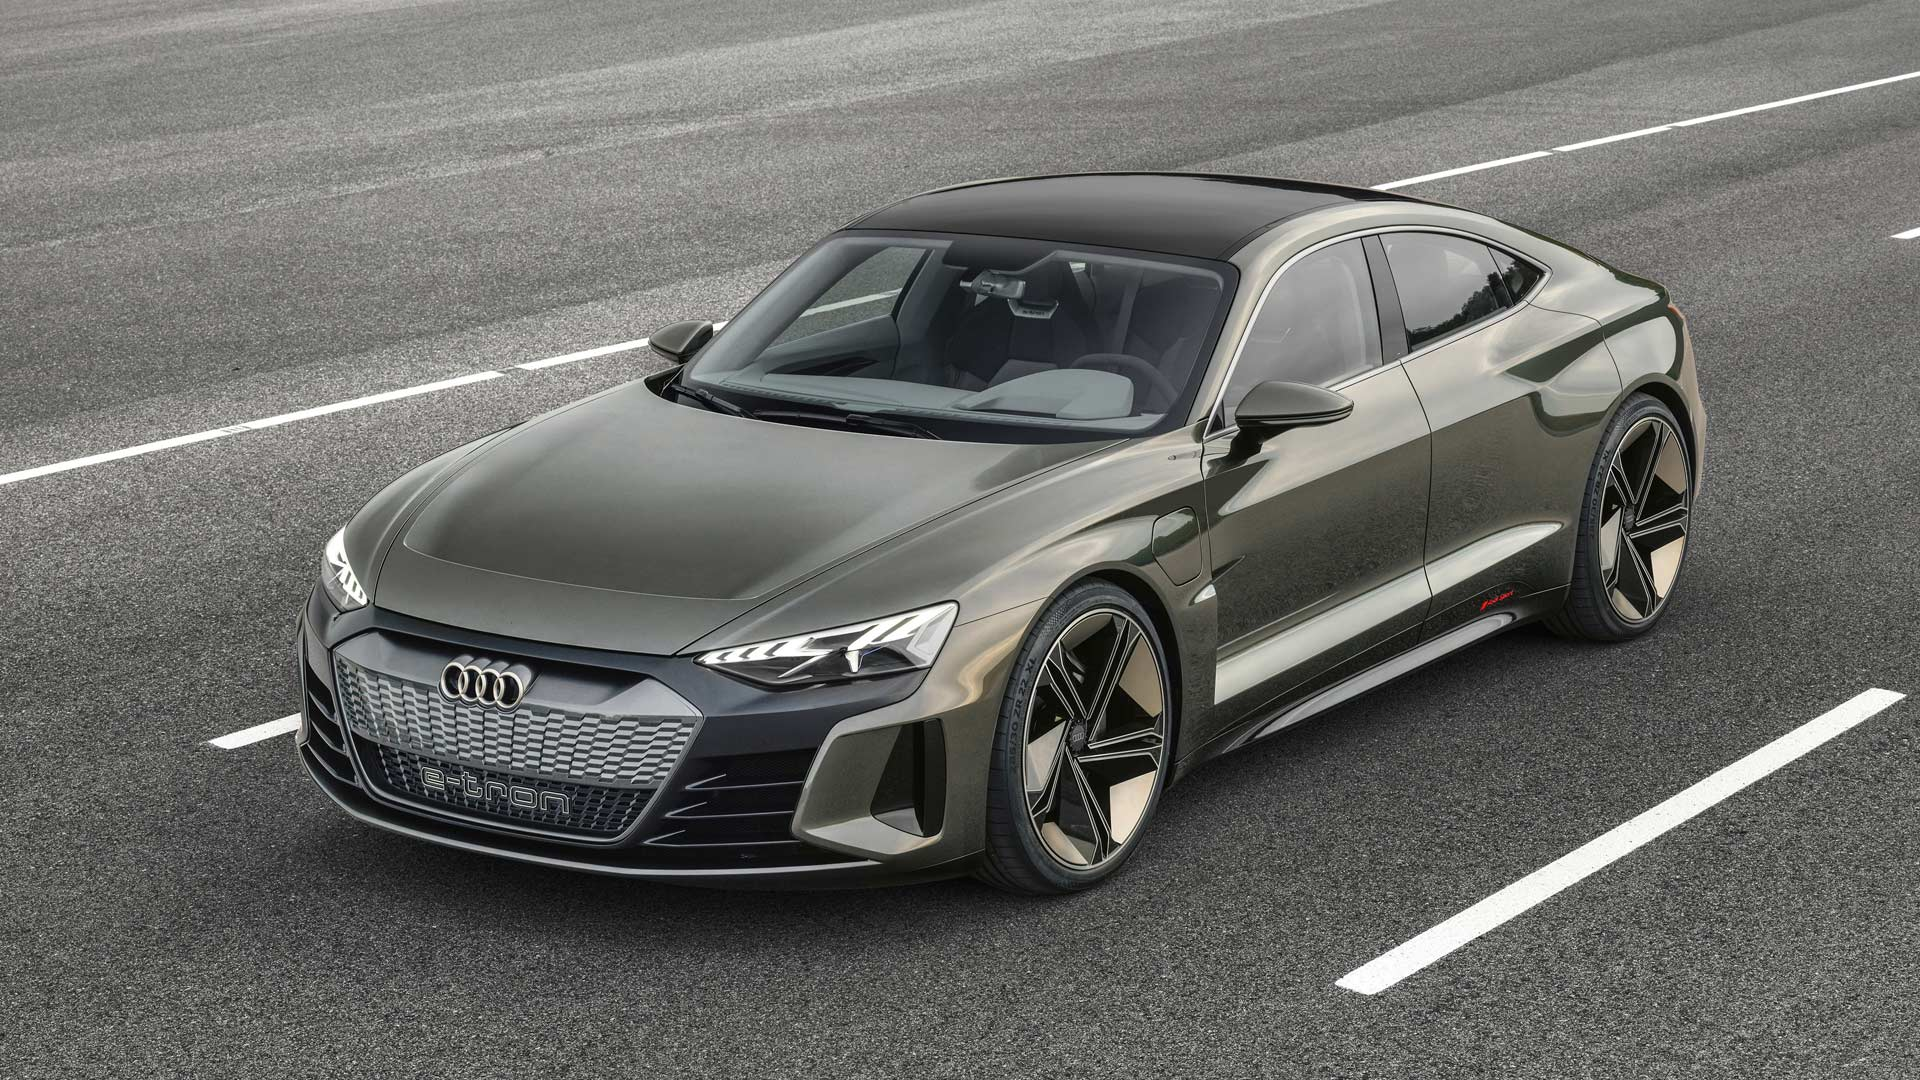 Audi-e-tron-GT-concept